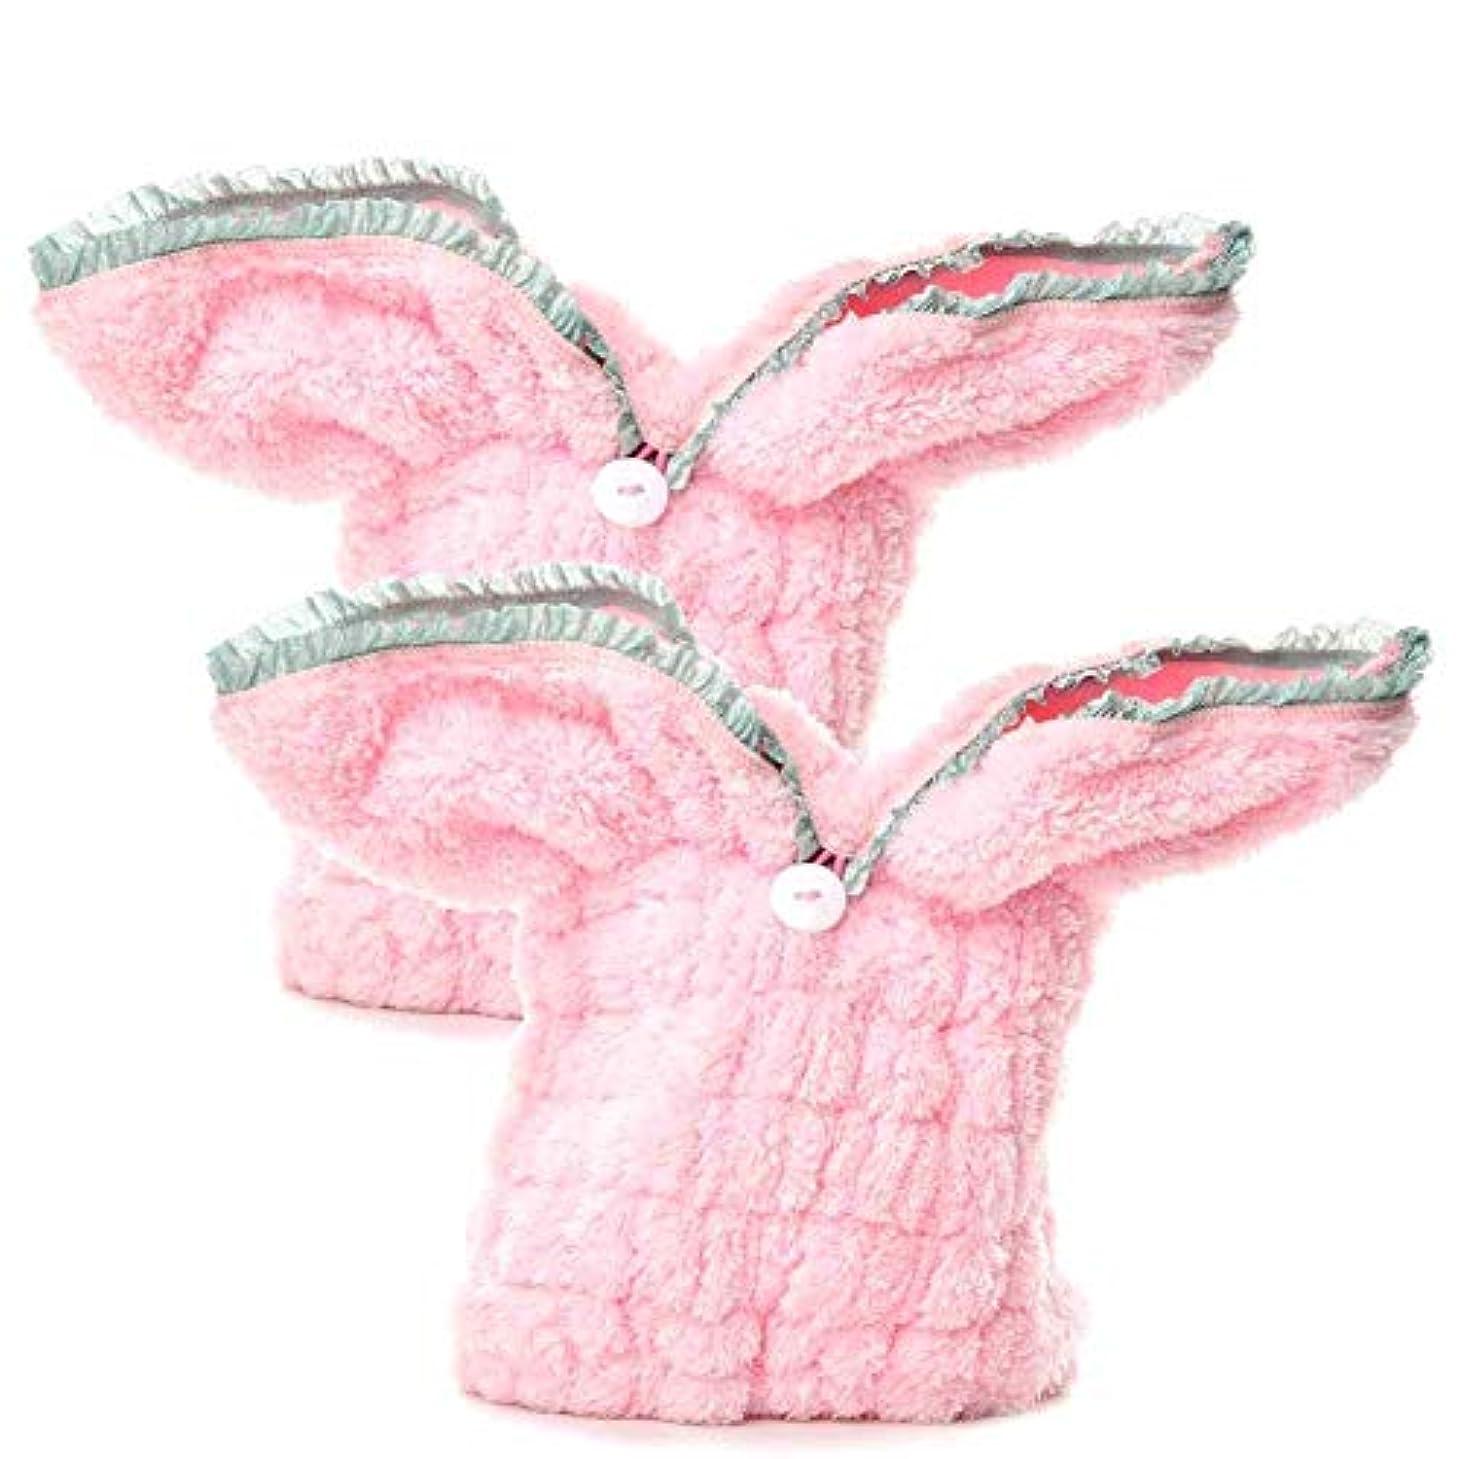 セットアップ打撃方法論ドライキャップ うさみみ タオルキャップ うさぎ キッズ 2個 セット ヘア ドライ キャップ タオル ヘアドライ 子供 女の子 女性 ガールズ ふんわりうさぎ 耳 可愛い かわいい ピンク 髪を乾かす 速乾性 [rinda]